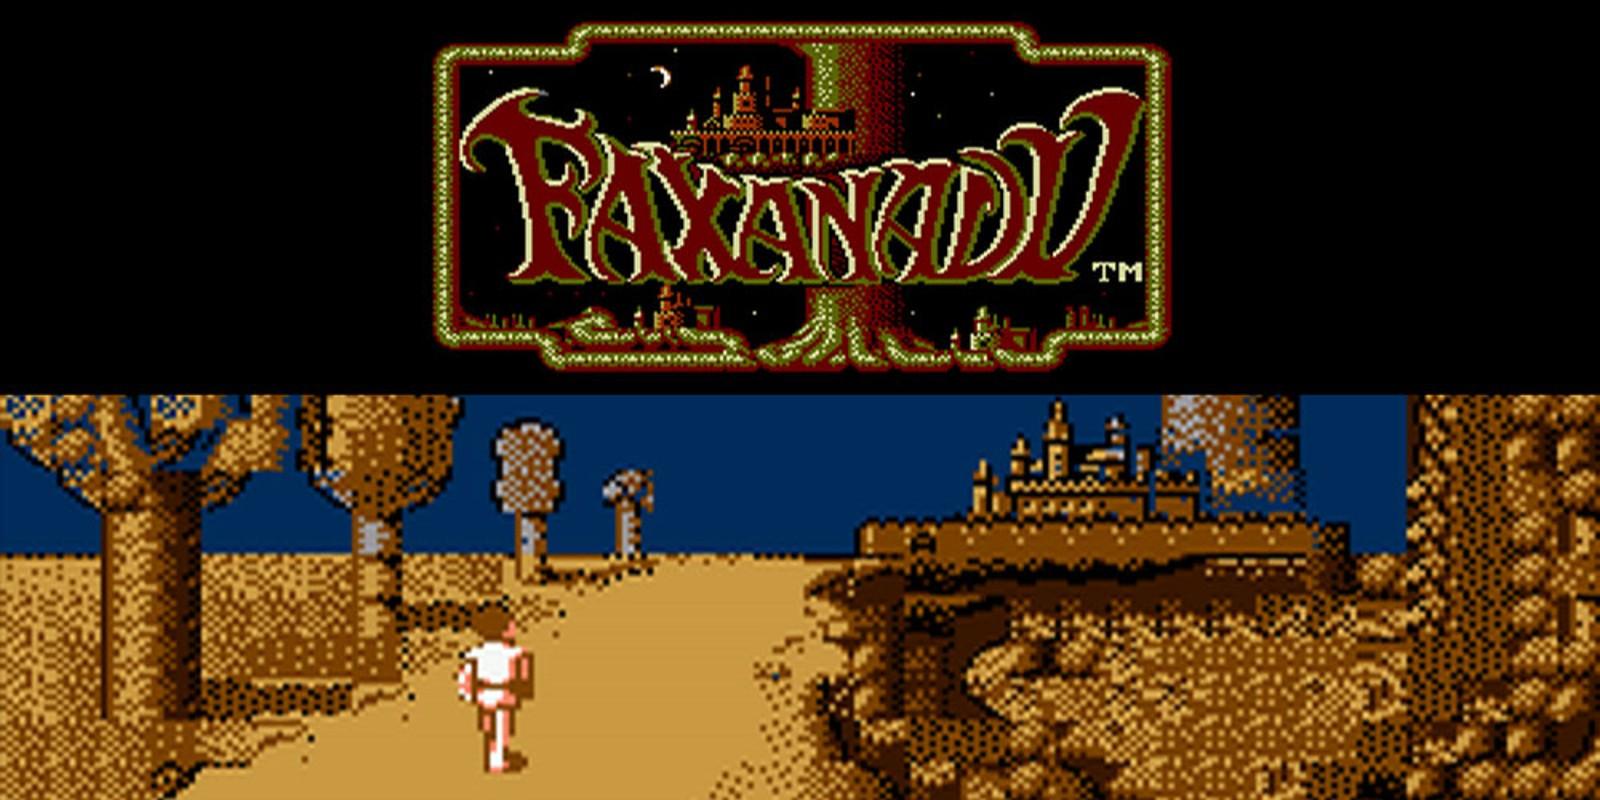 jeux faxanadu